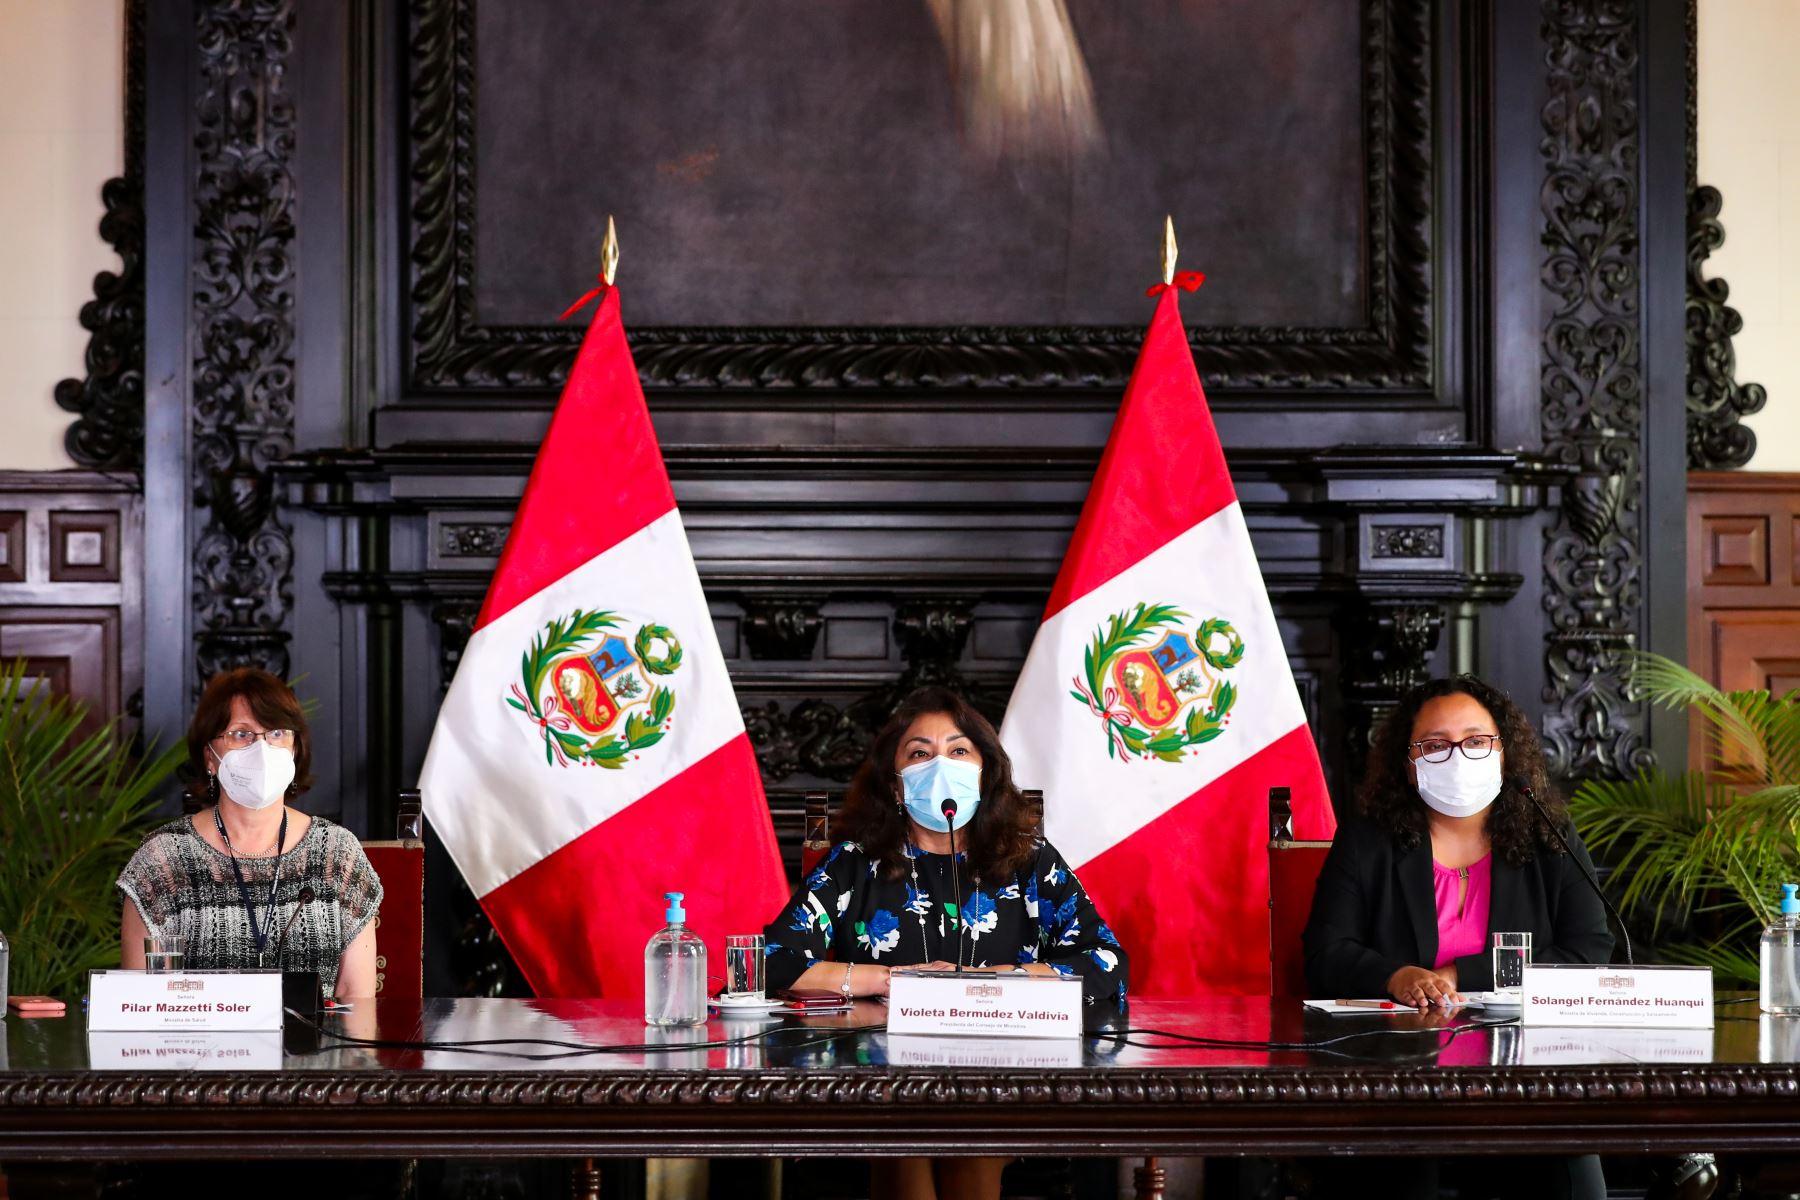 La presidenta del Consejo de Ministros, Violeta Bermúdez, expone los acuerdos adoptados en la sesión de Consejo de Ministros, orientados a la mejora de los servicios públicos y atención de la emergencia sanitaria. Foto: PCM